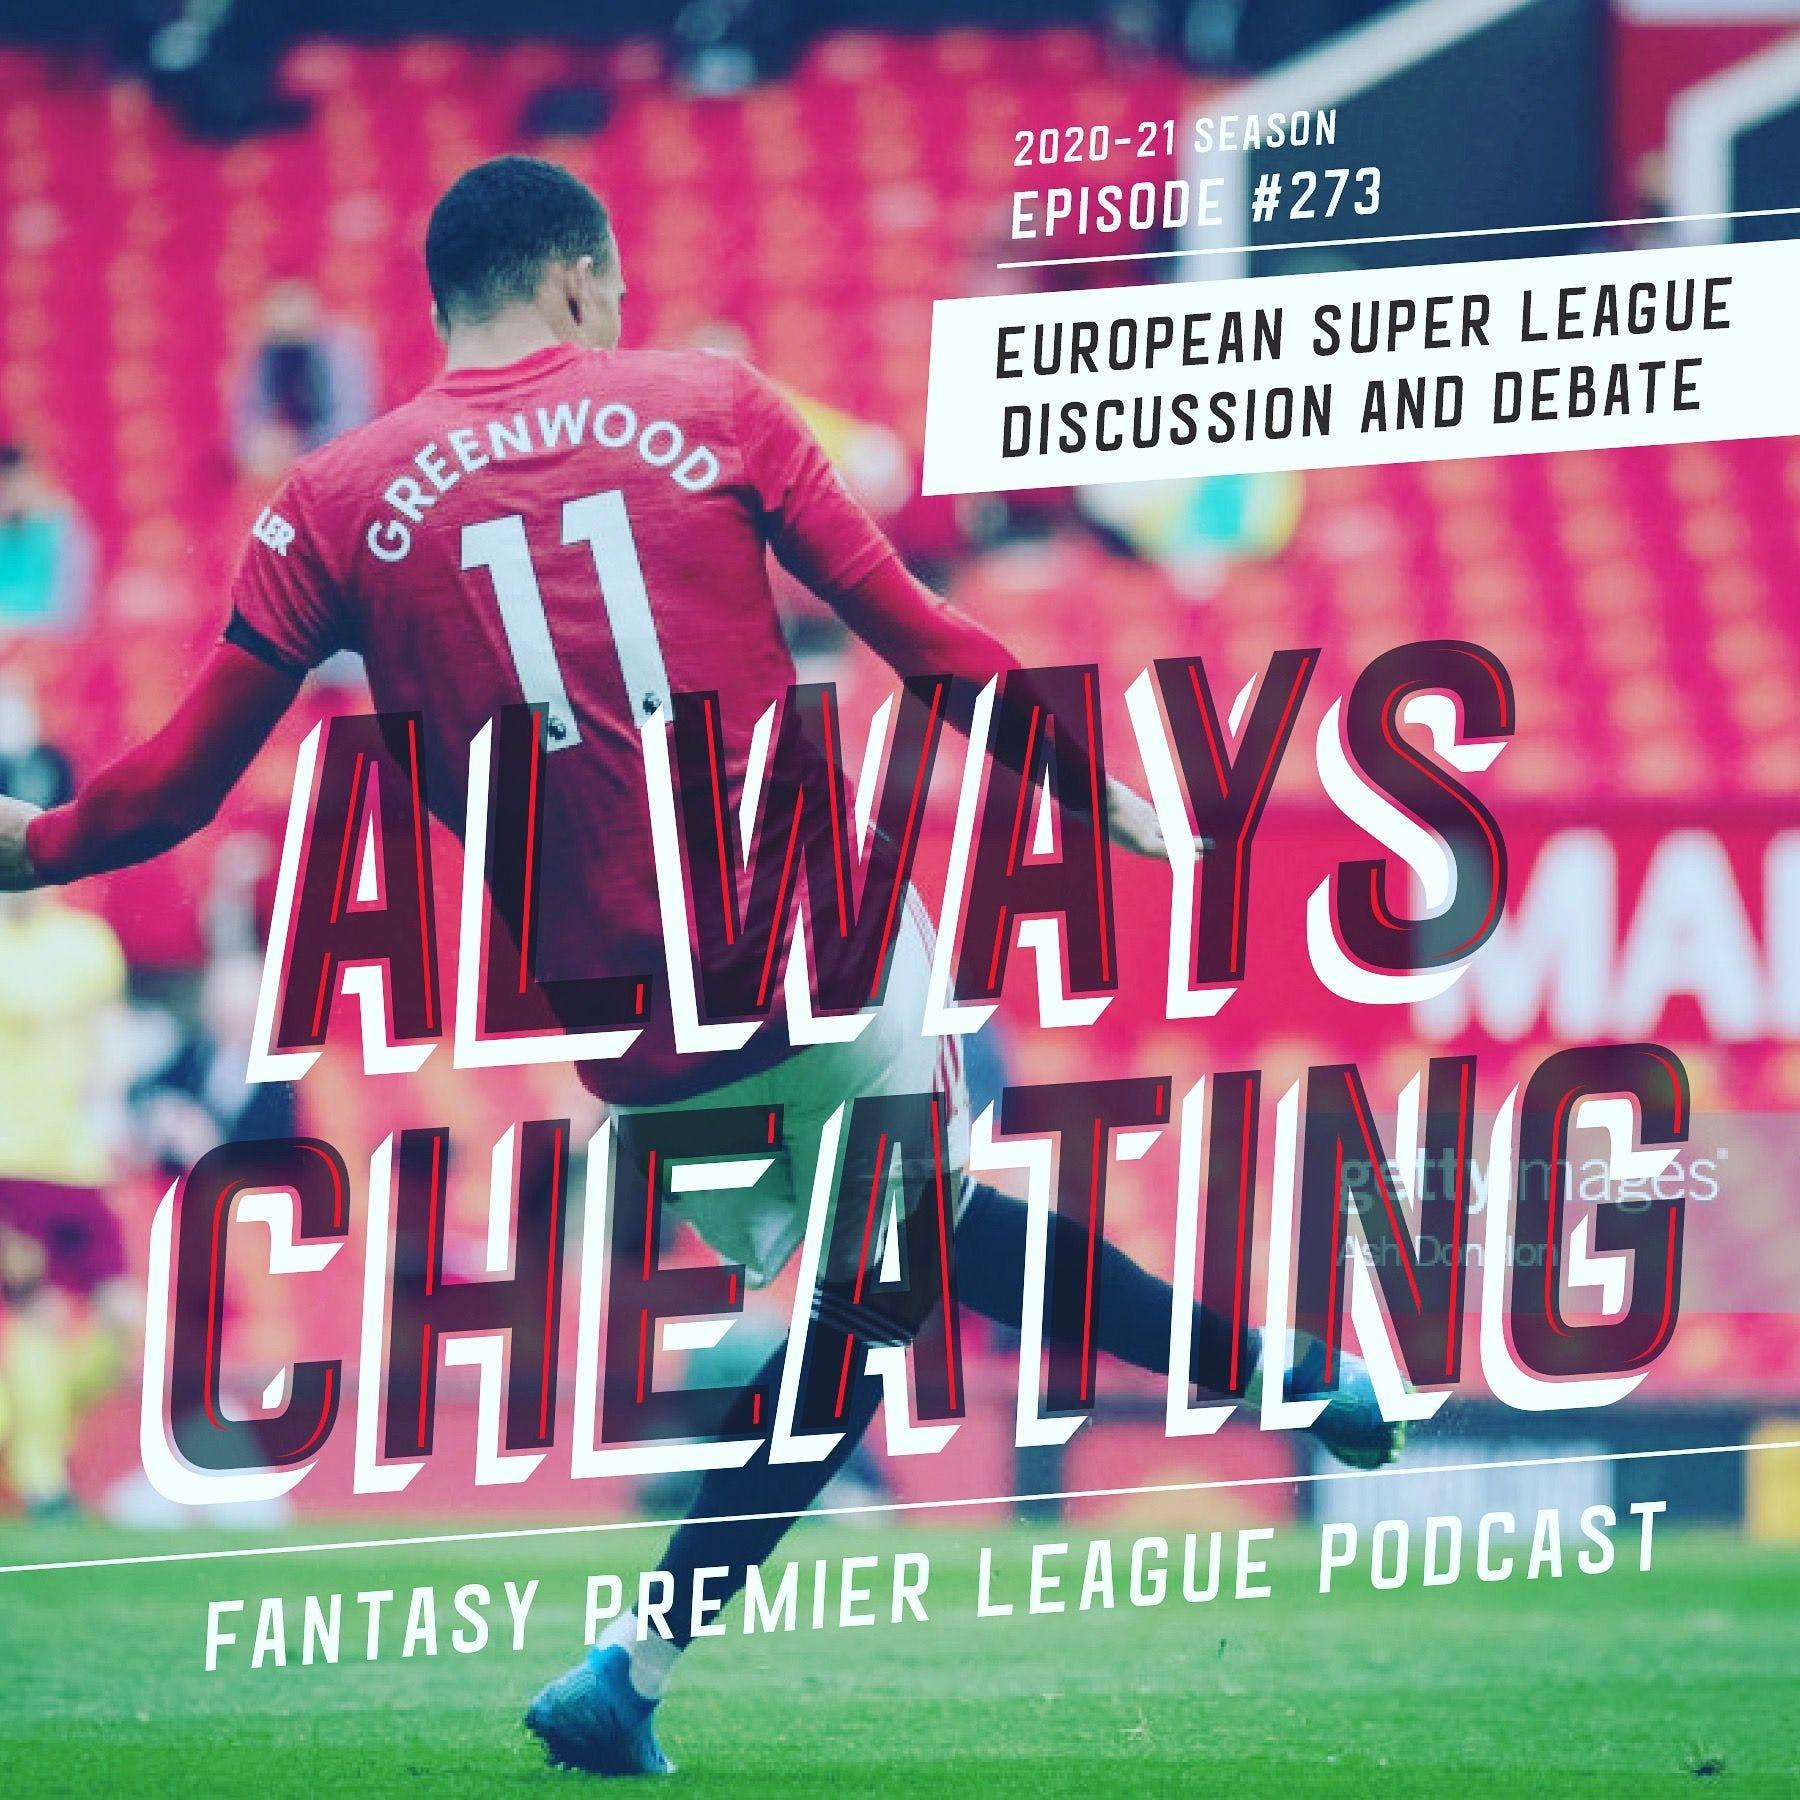 European Super League Discussion & Debate